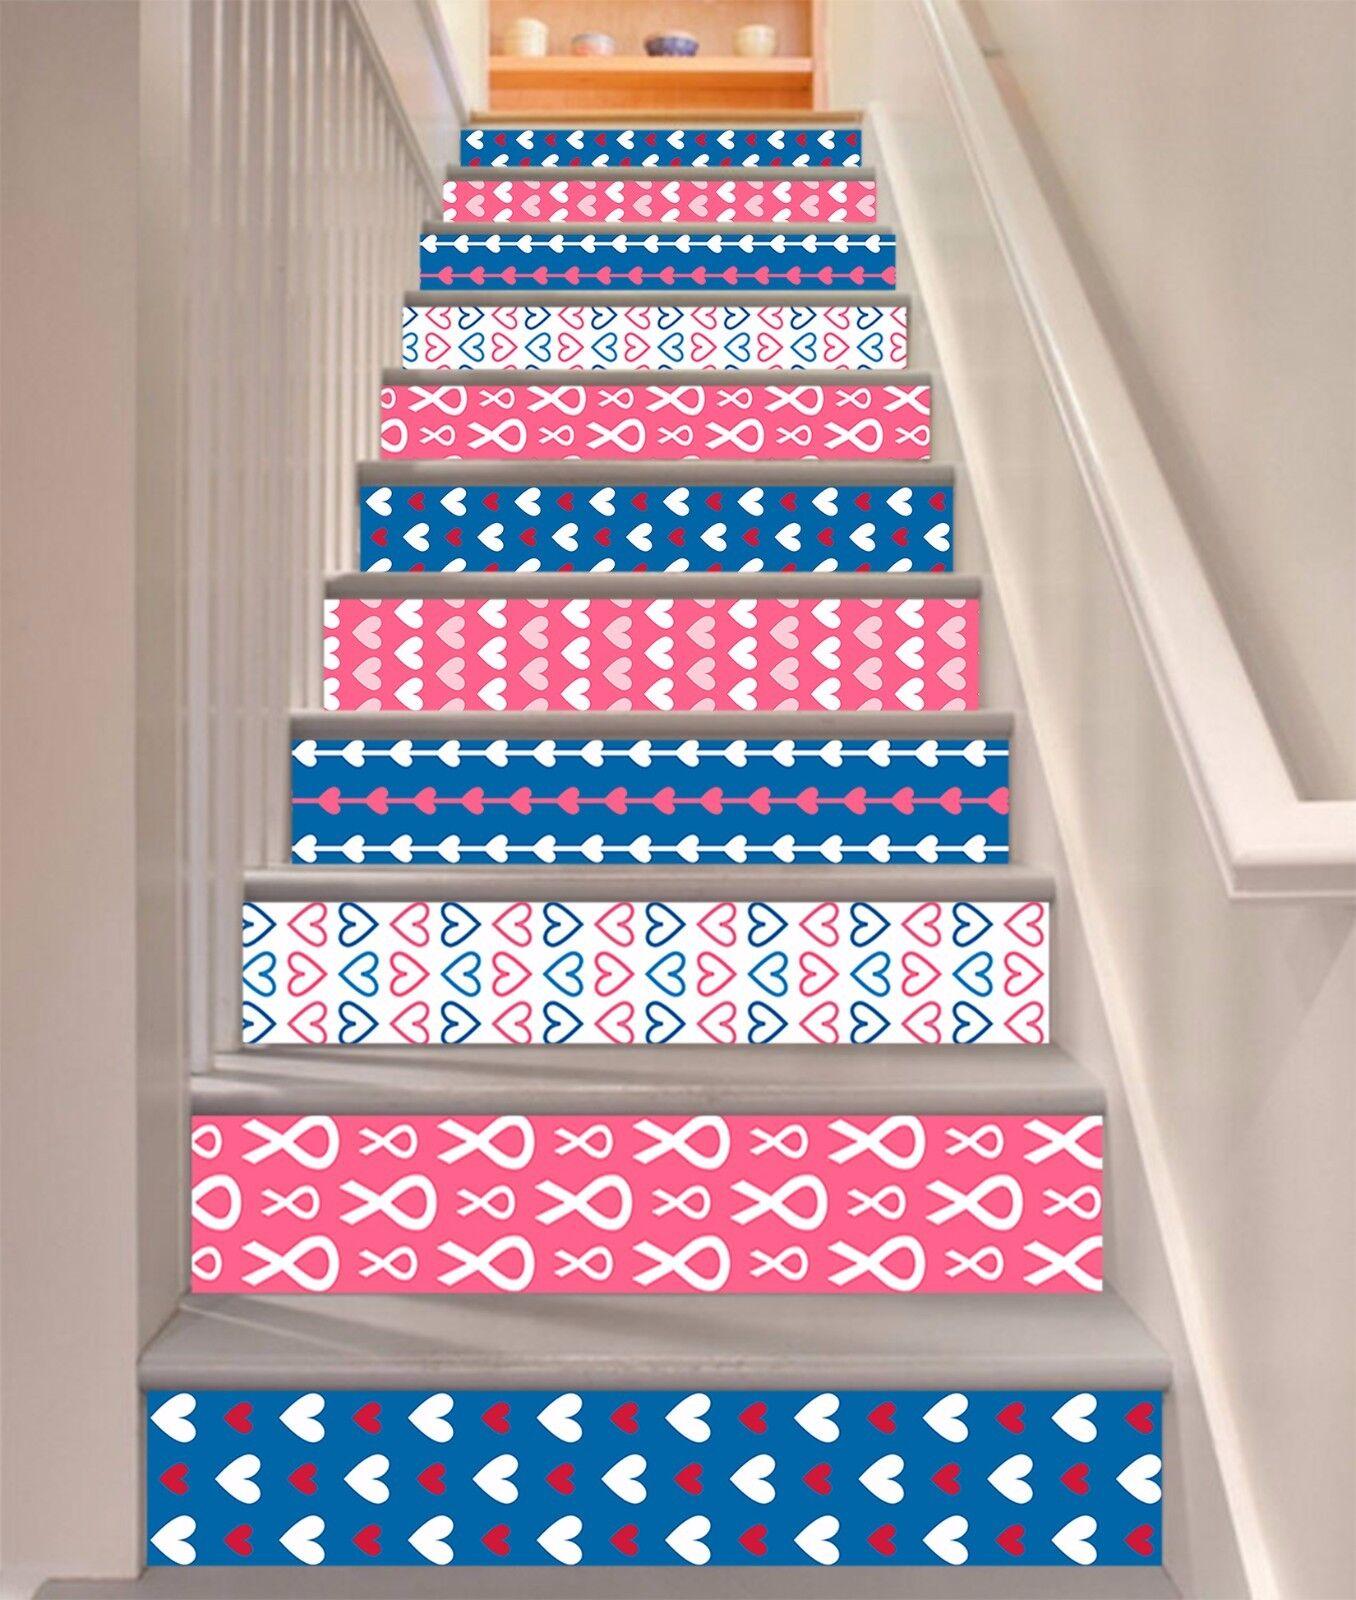 3D Farbe 49 Stair Risers Dekoration Fototapete Vinyl Aufkleber Tapete DE Lemon